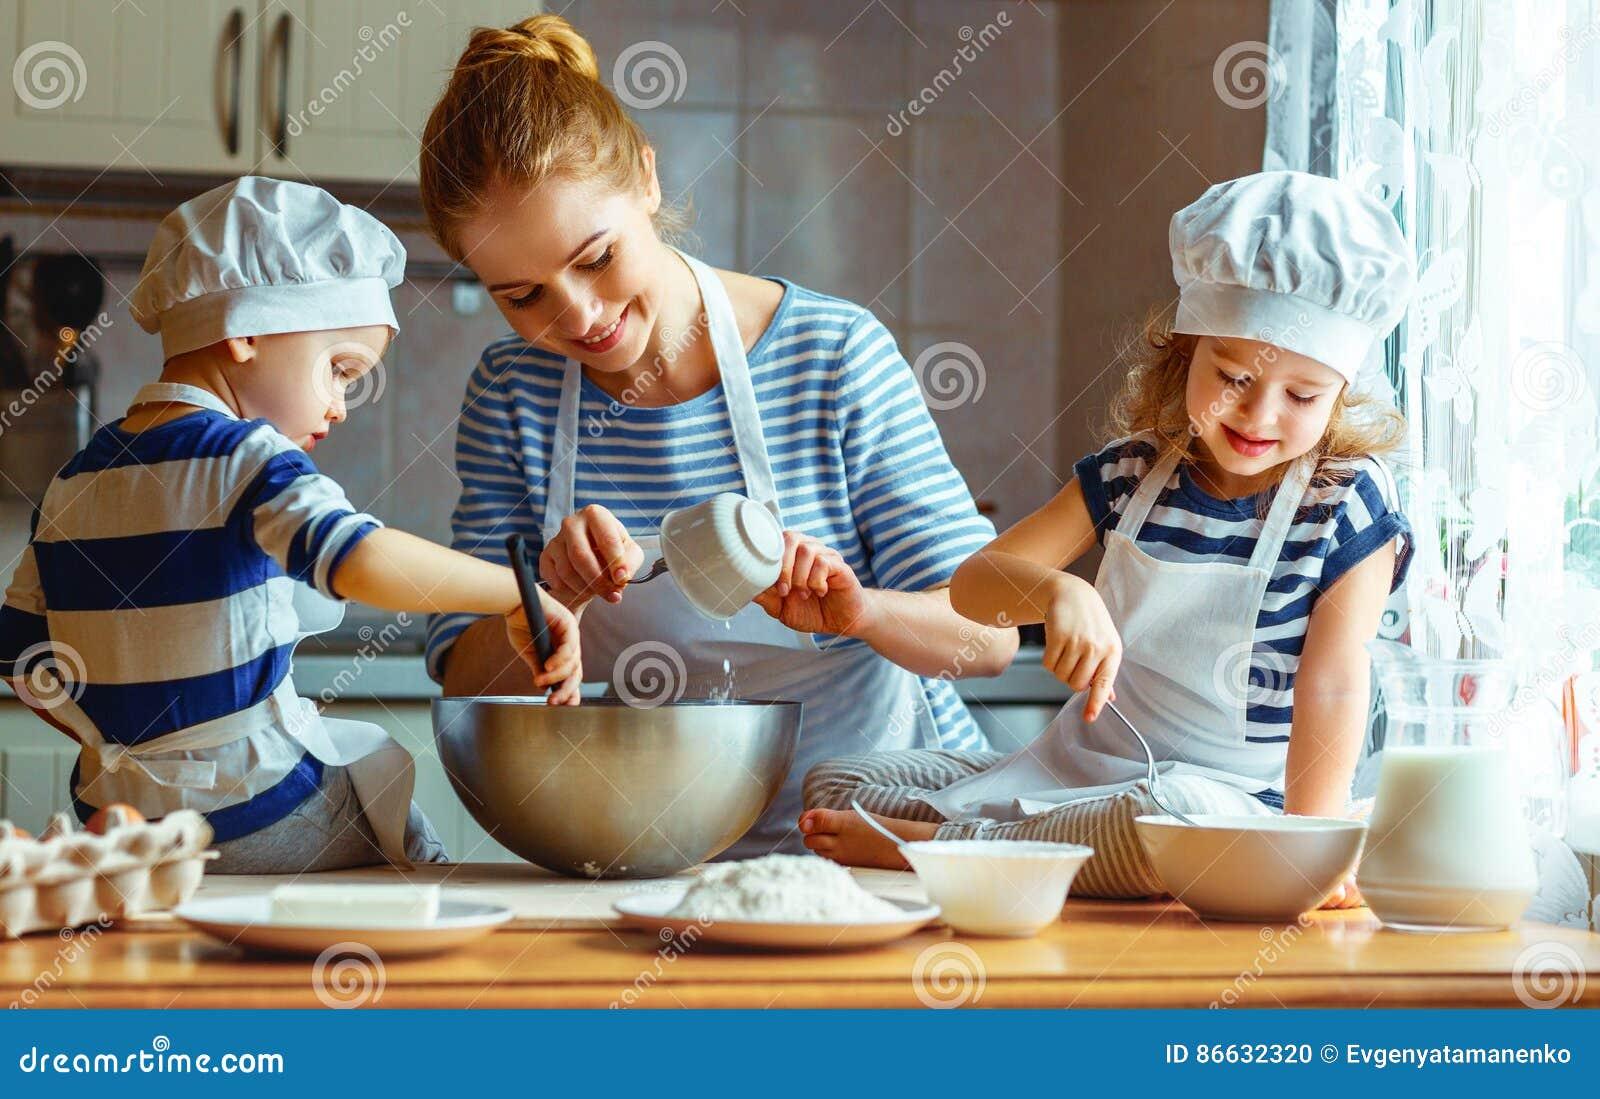 Gelukkige Familie in Keuken moeder en kinderen die deeg, bedelaars voorbereiden